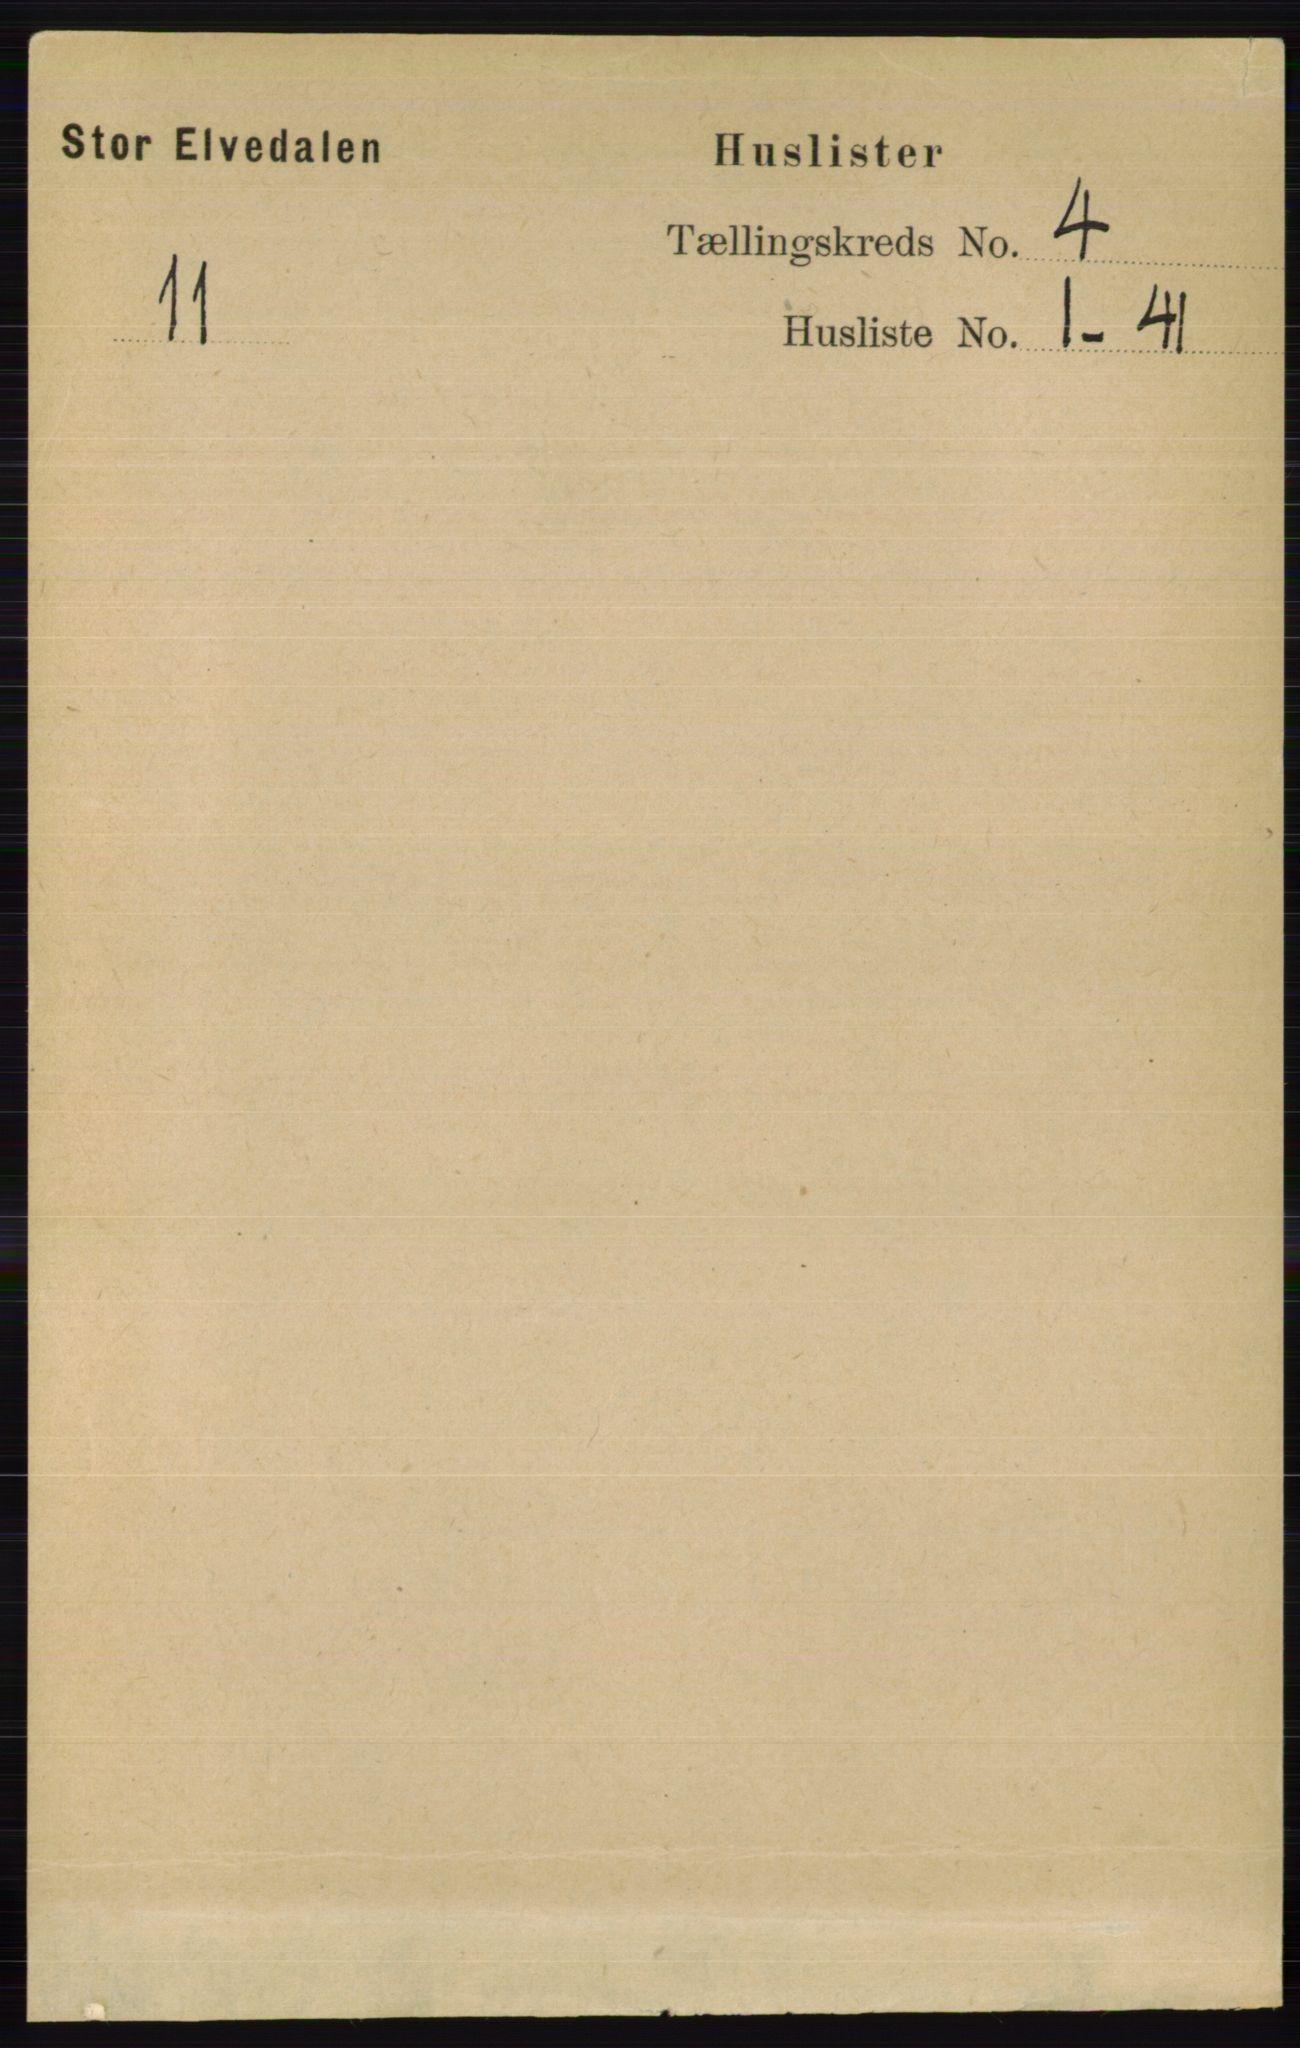 RA, Folketelling 1891 for 0430 Stor-Elvdal herred, 1891, s. 1382